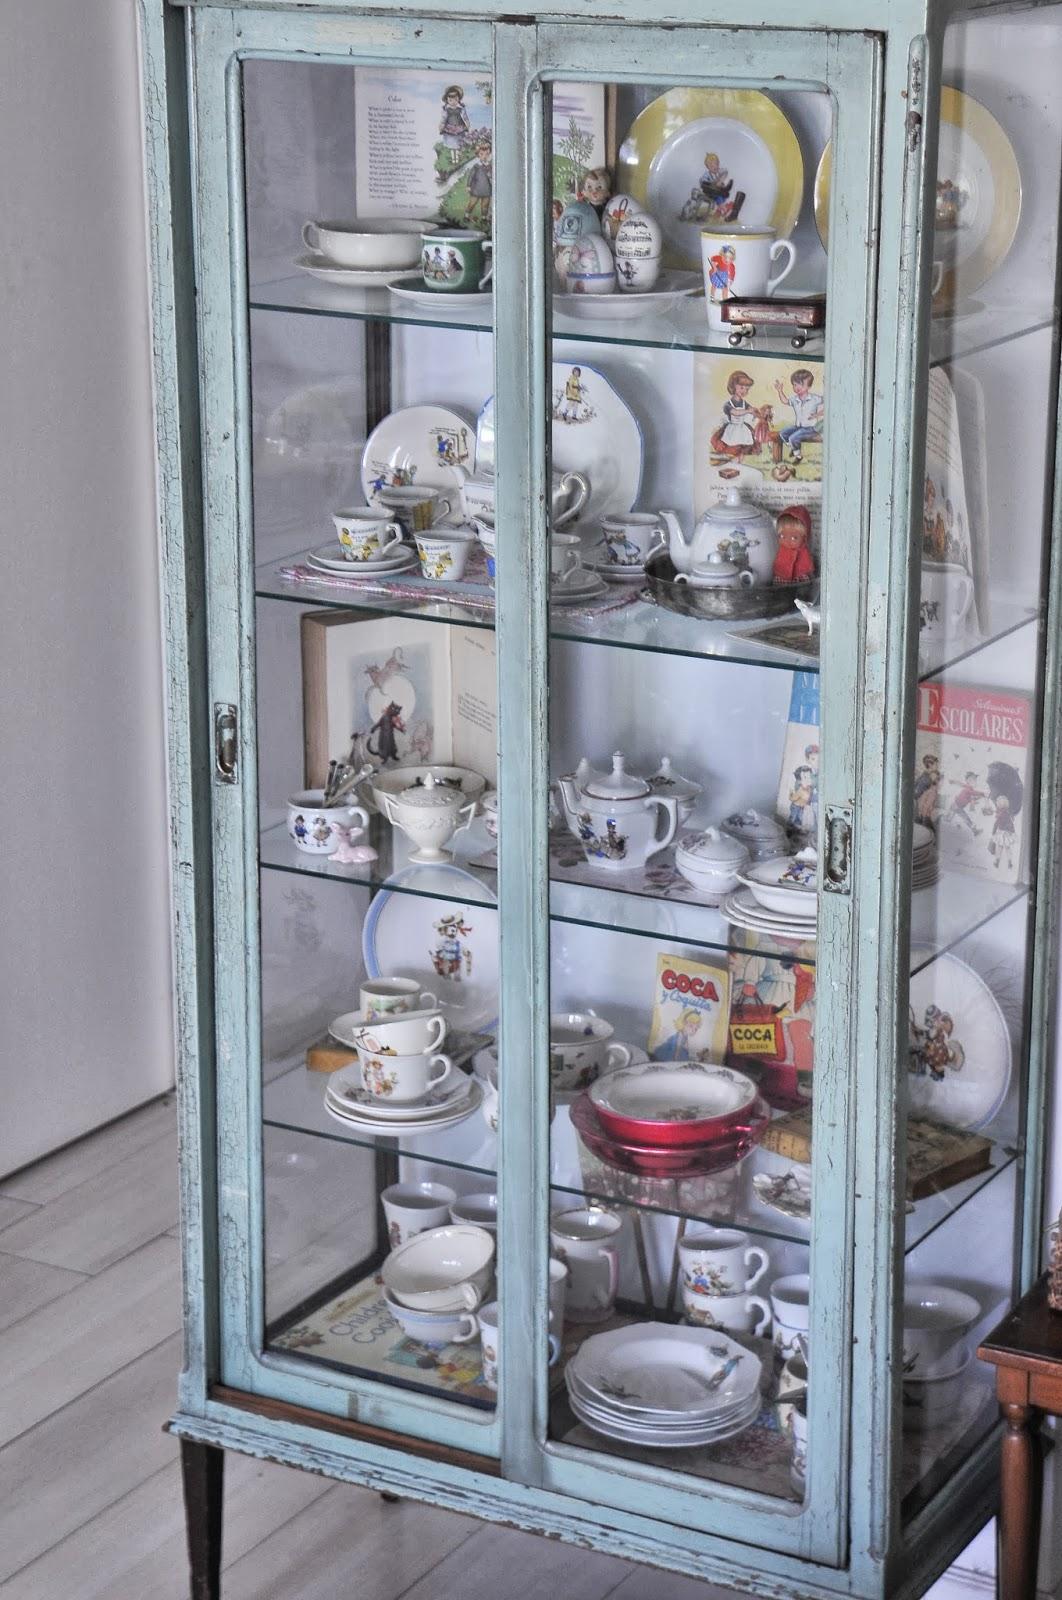 Tazas cuentos colecciones collections - Vitrinas para miniaturas ...